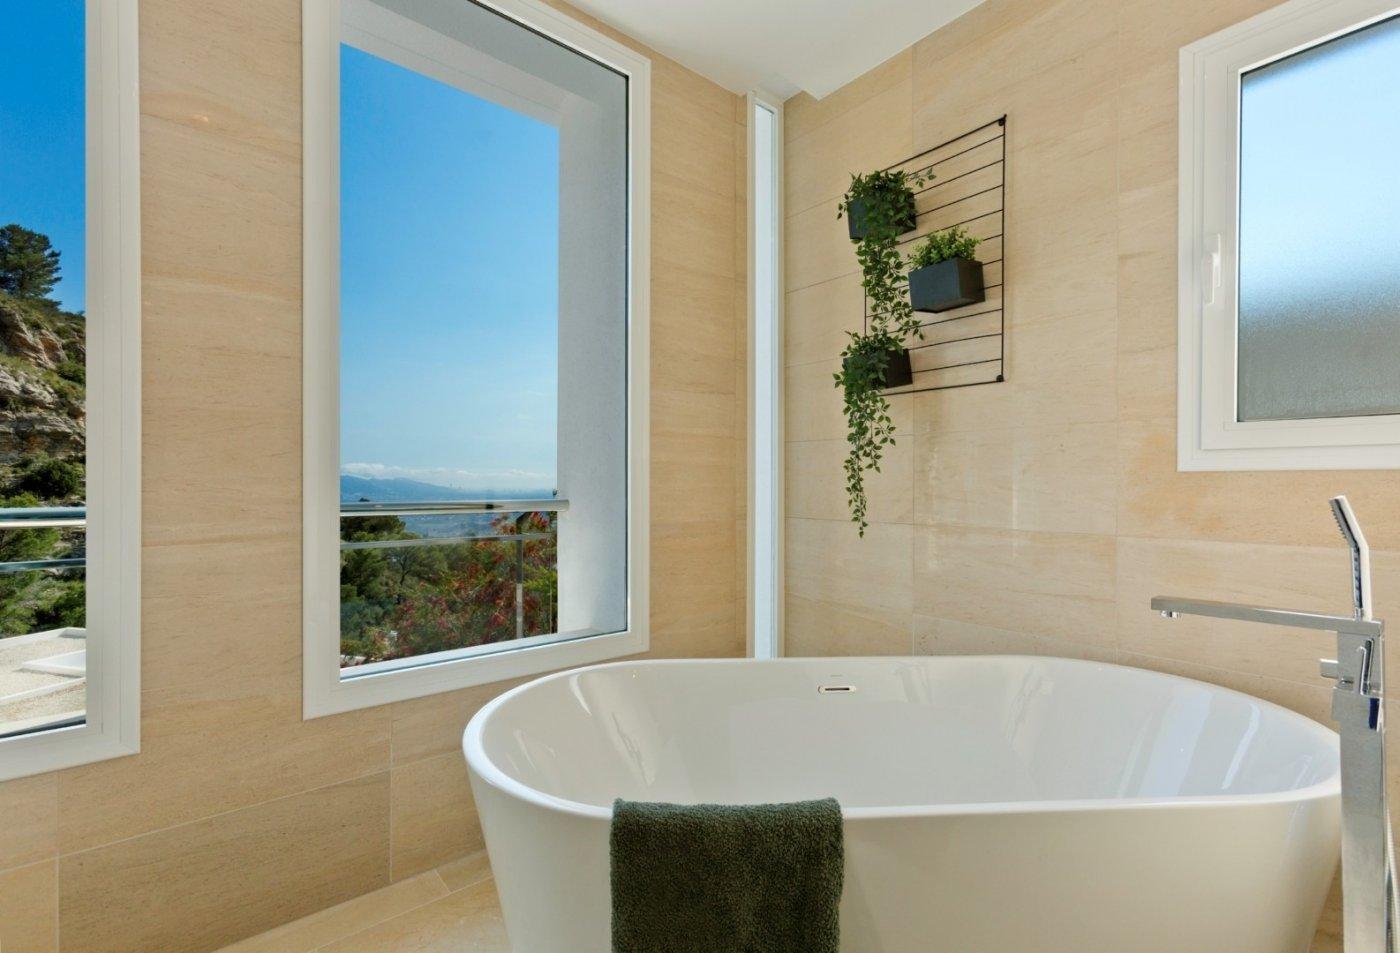 Villa de obra nueva en altea con vistas al mar!!! - imagenInmueble14